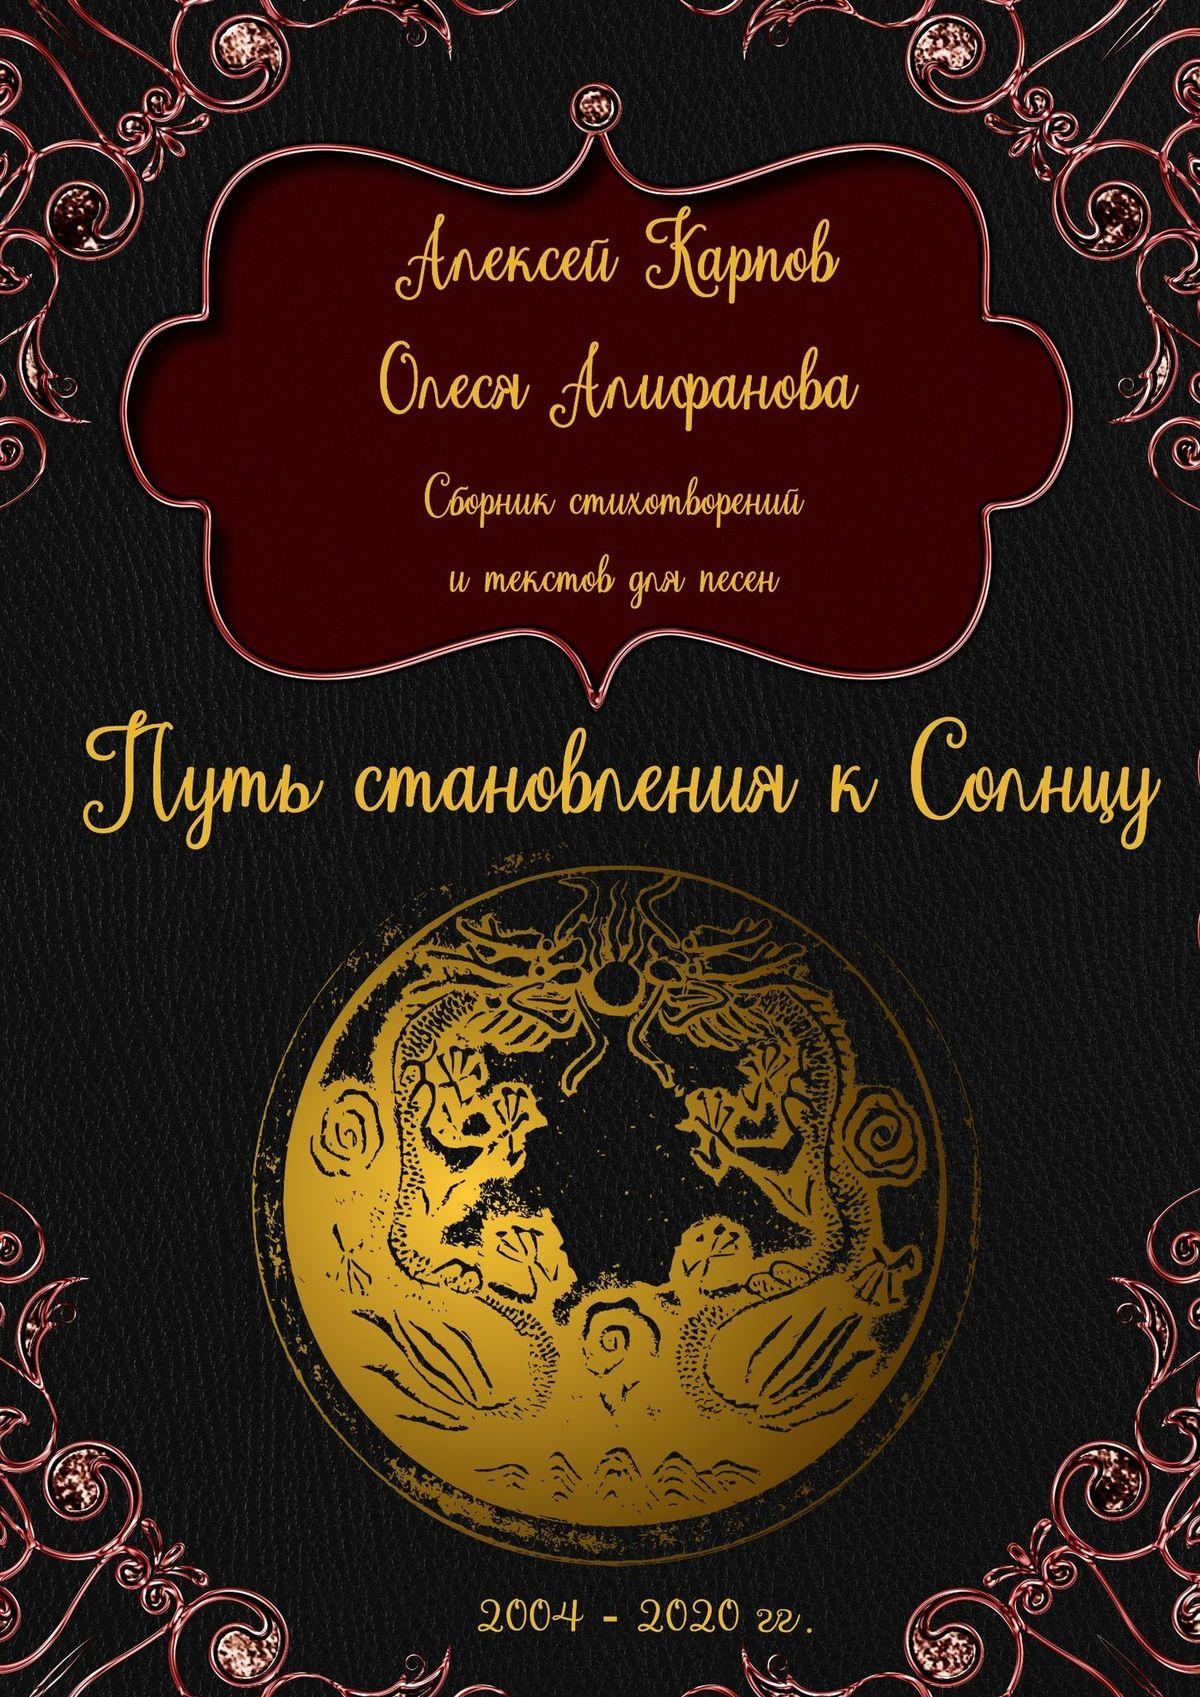 Алексей Карпов Песня длявоздушного змея. Сборник стихов итекстов дляпесен